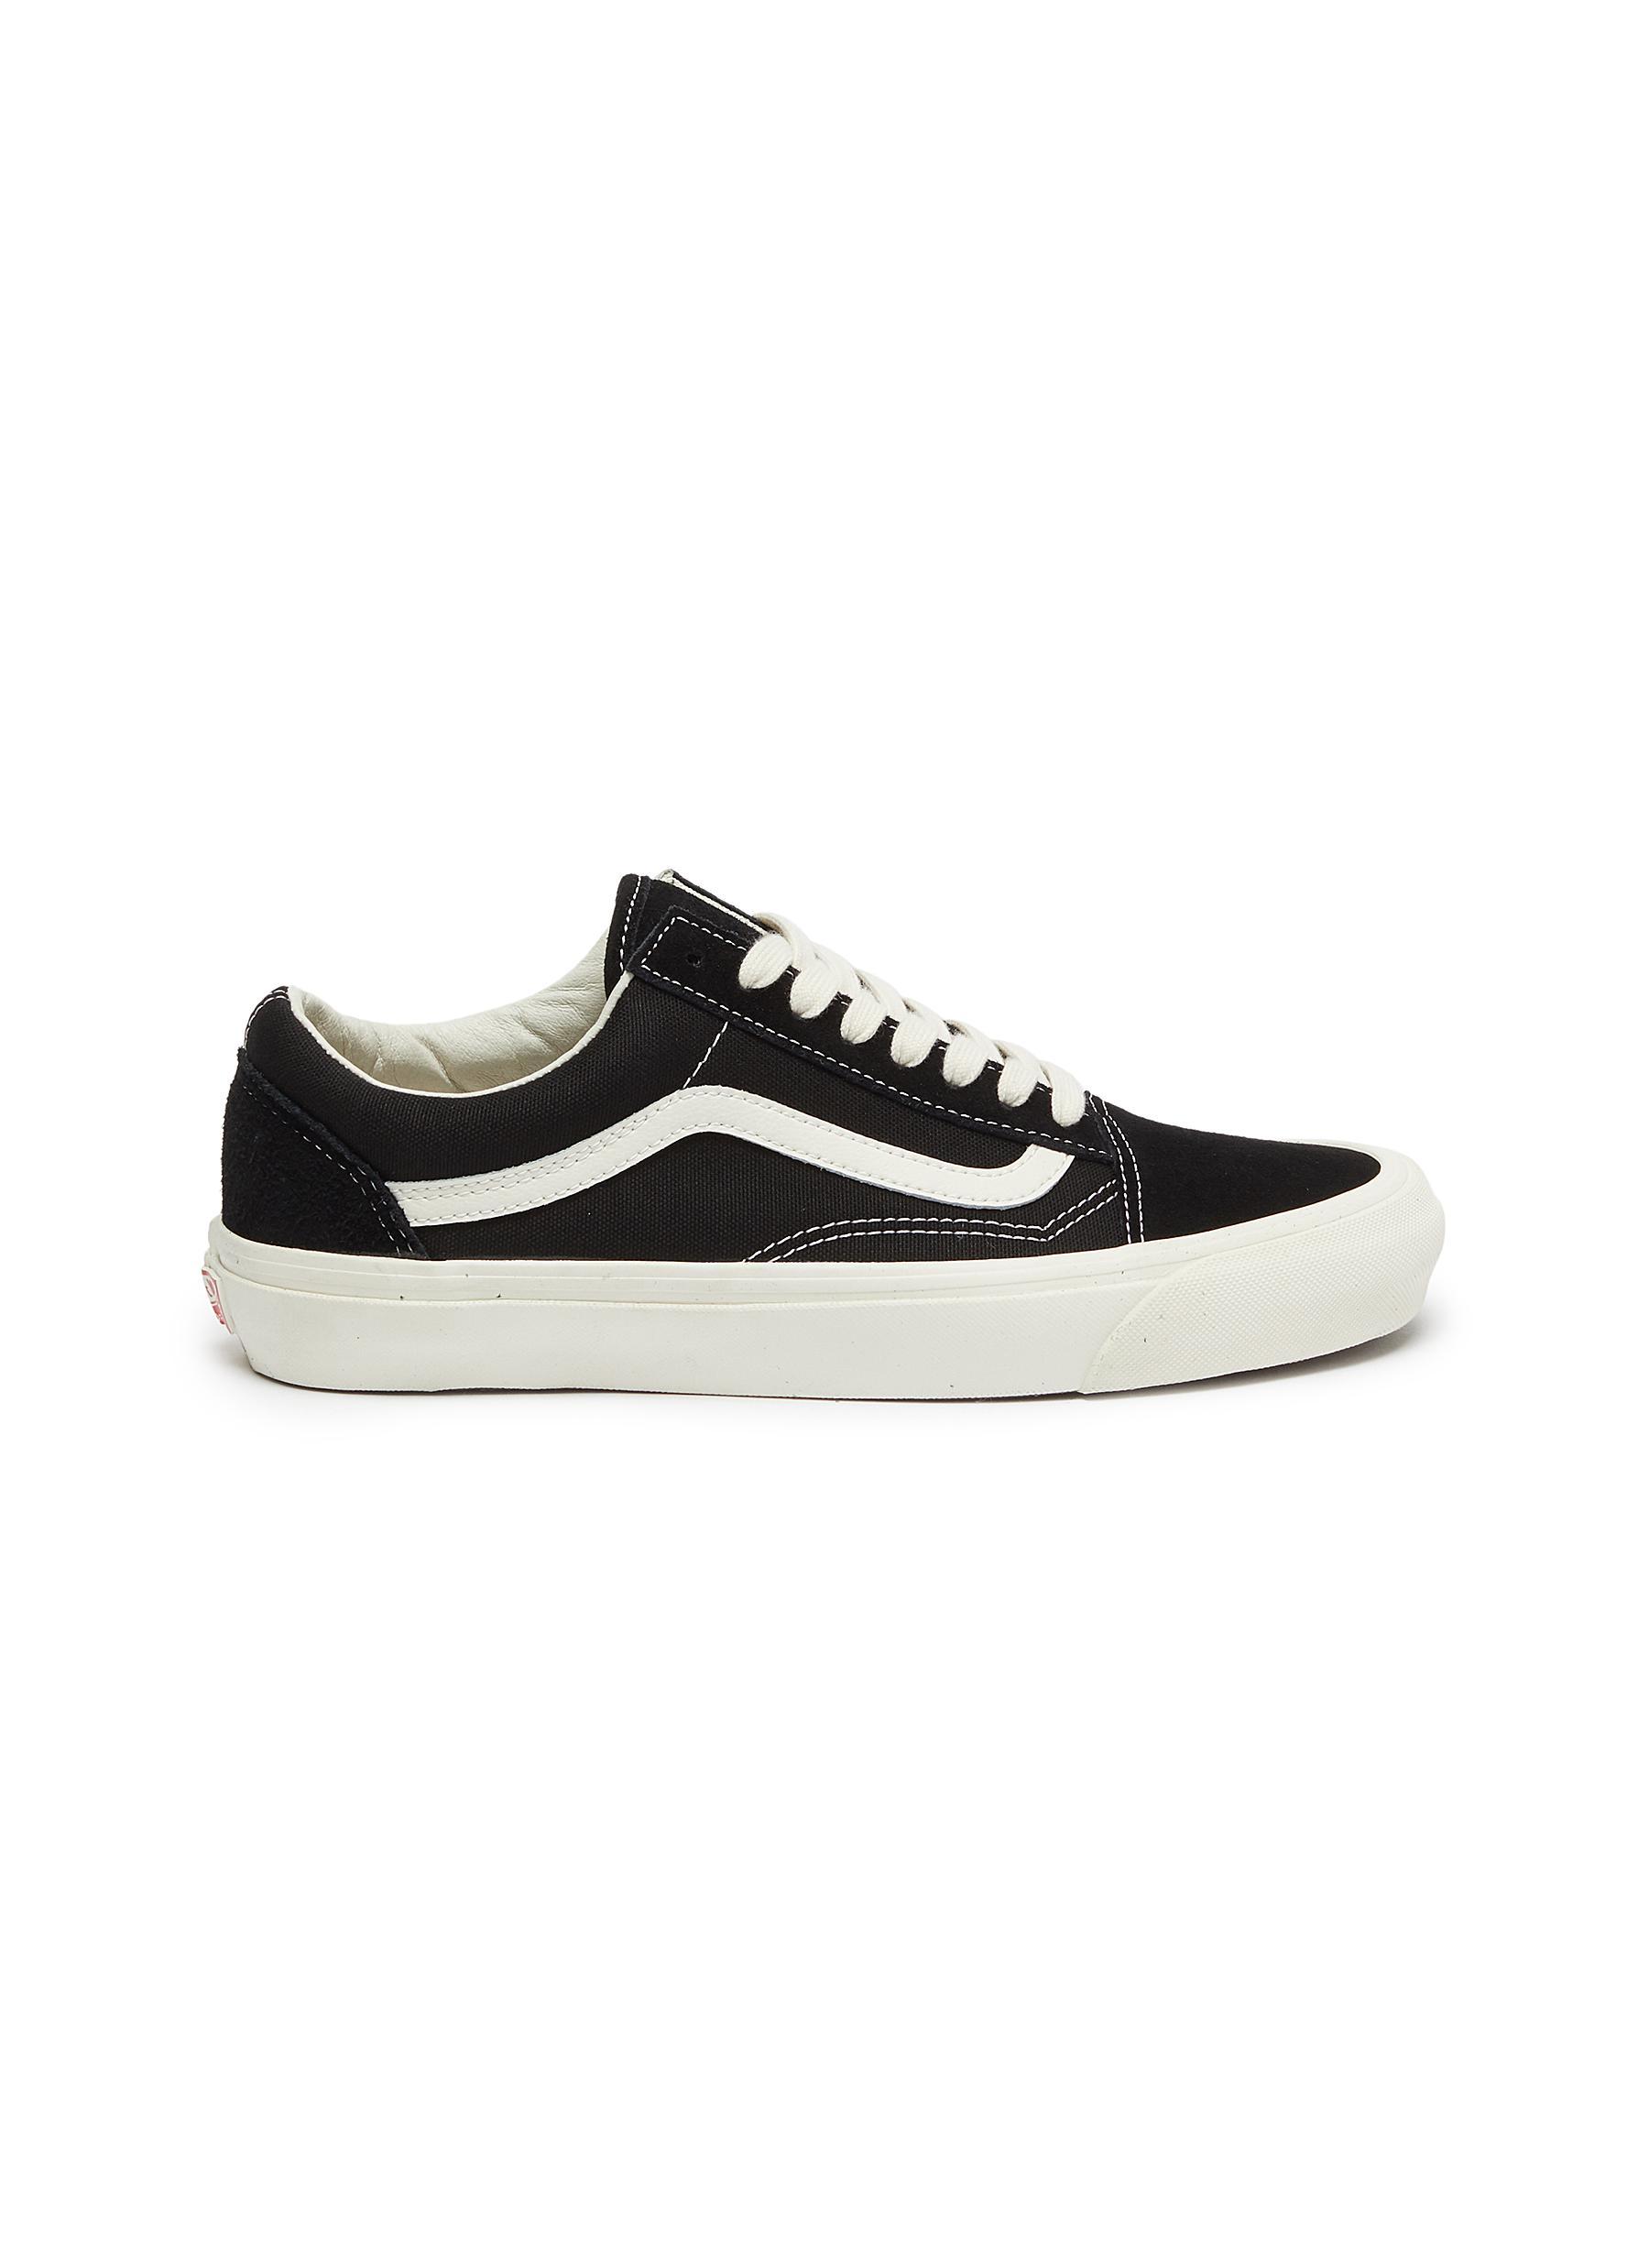 Old Skool Vault LX canvas skate sneakers by Vans